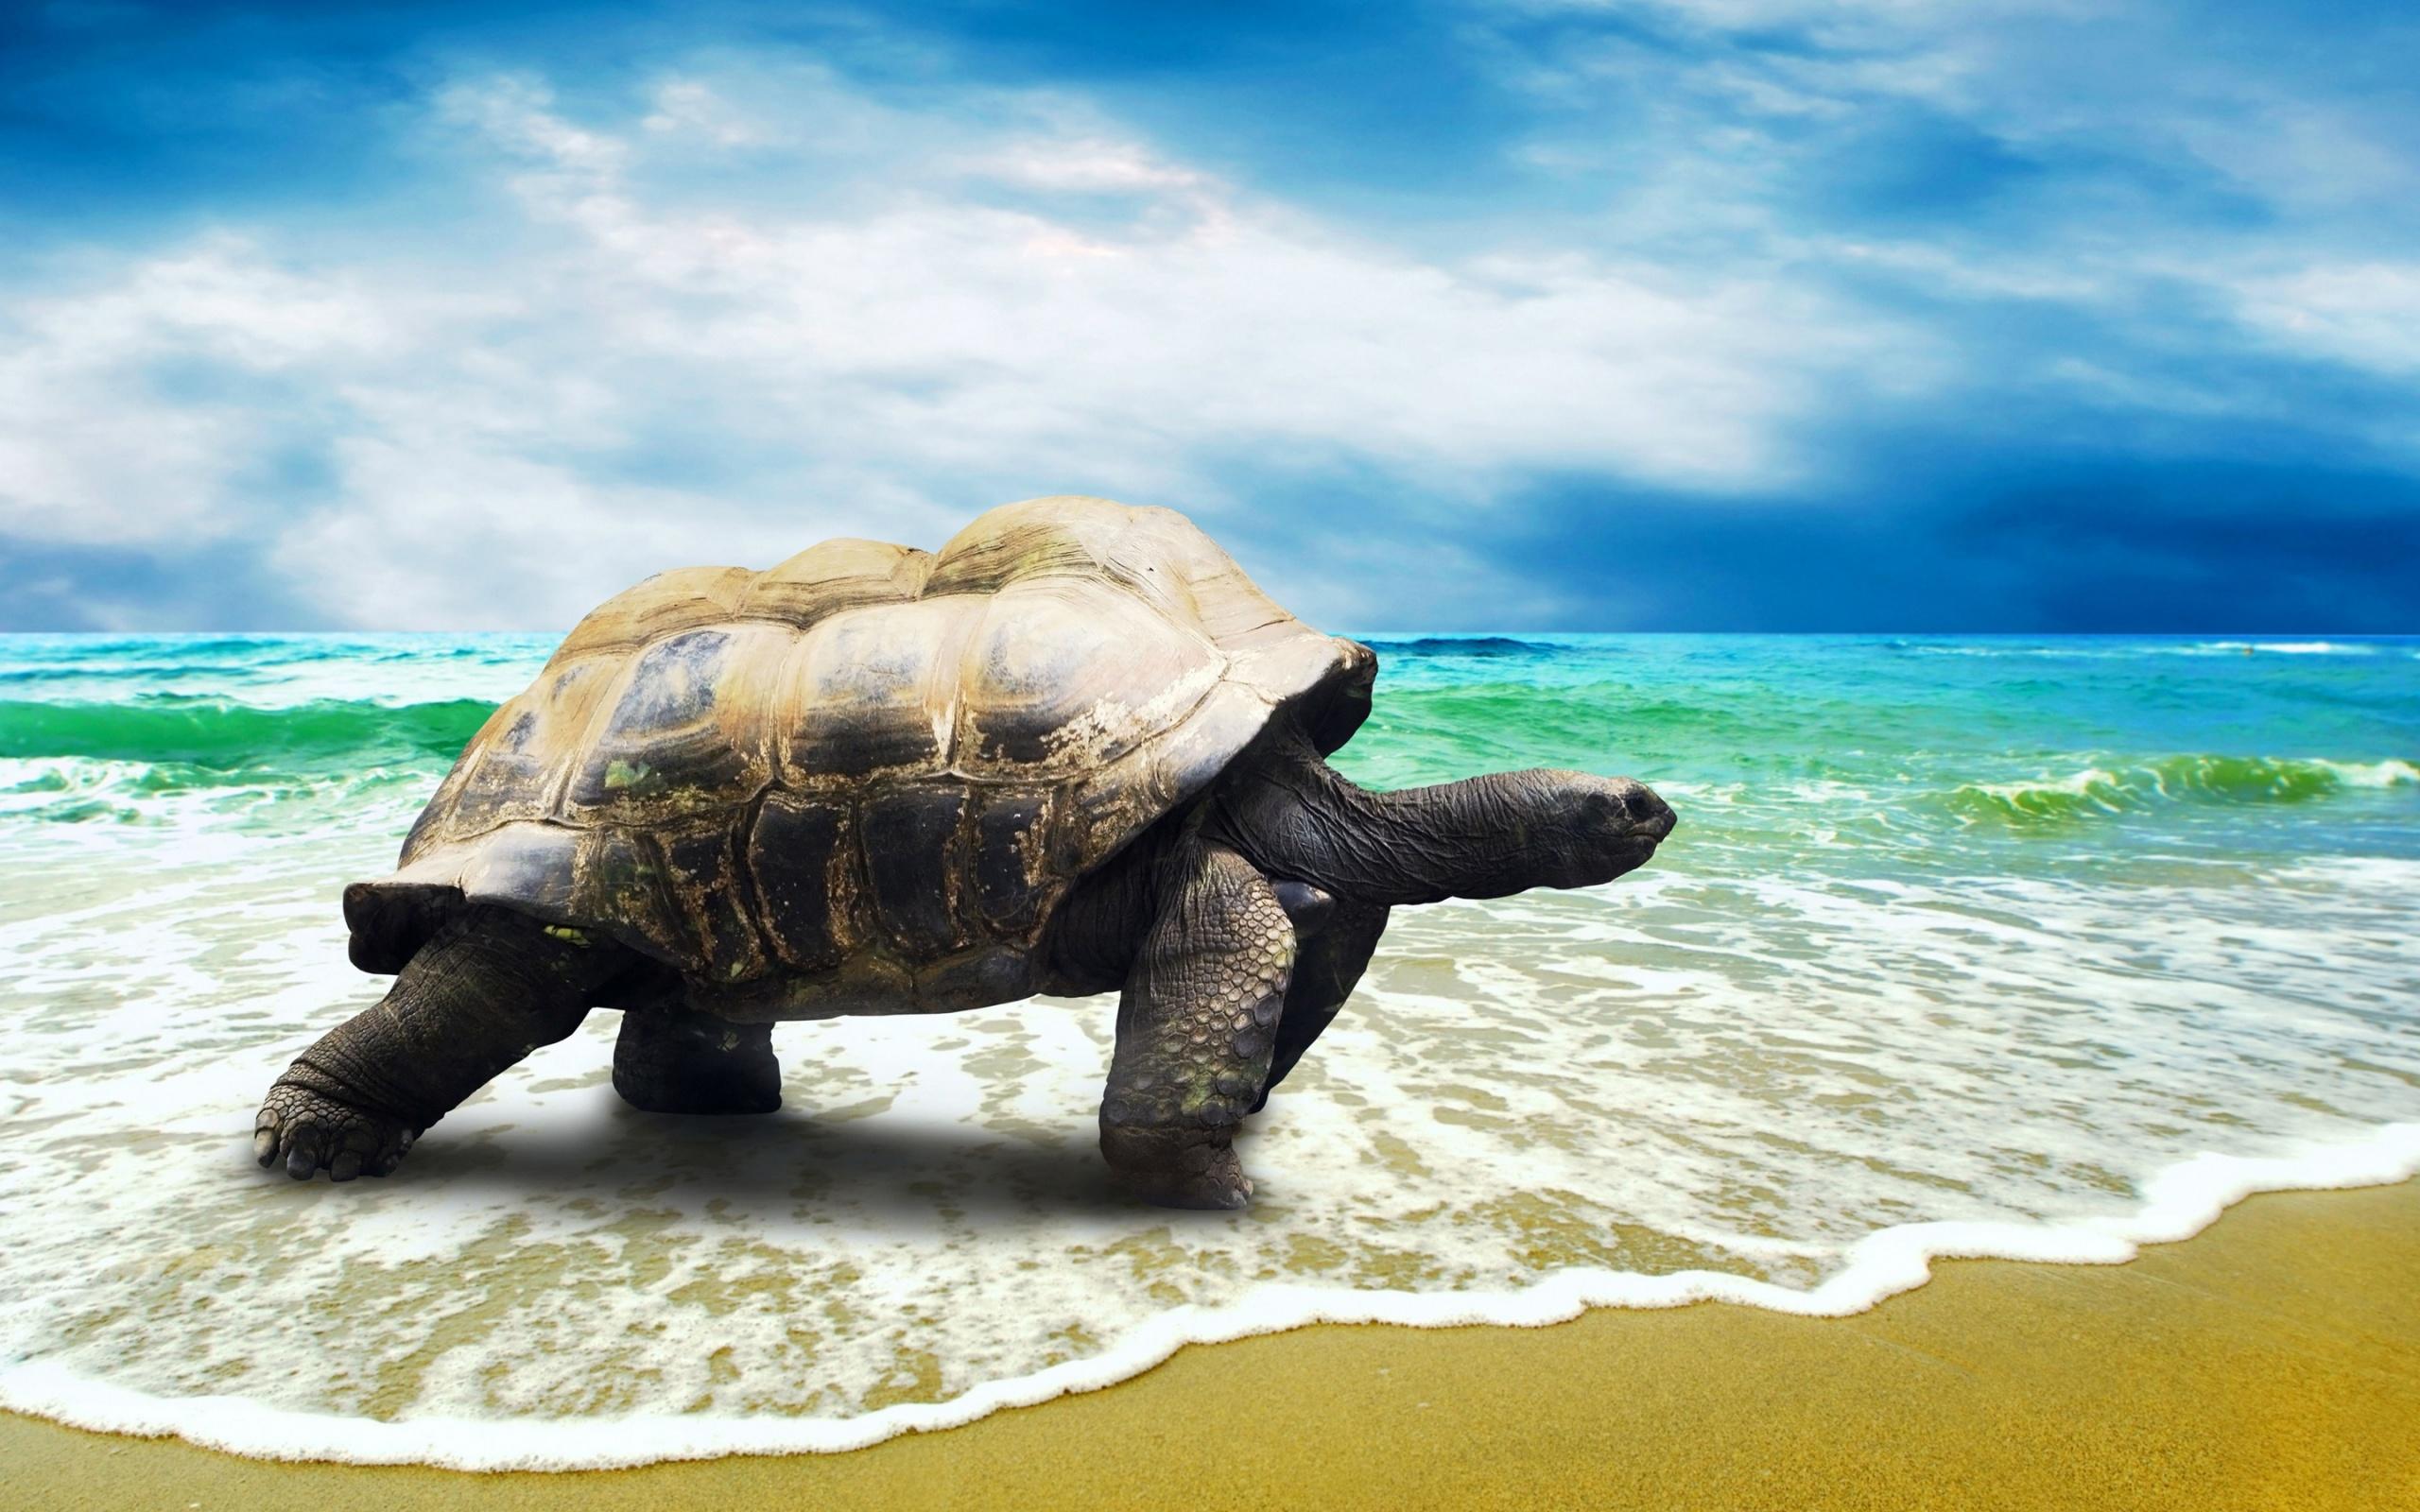 イメージ動物sea_turtle_walking_on_the_beach_sand-wide